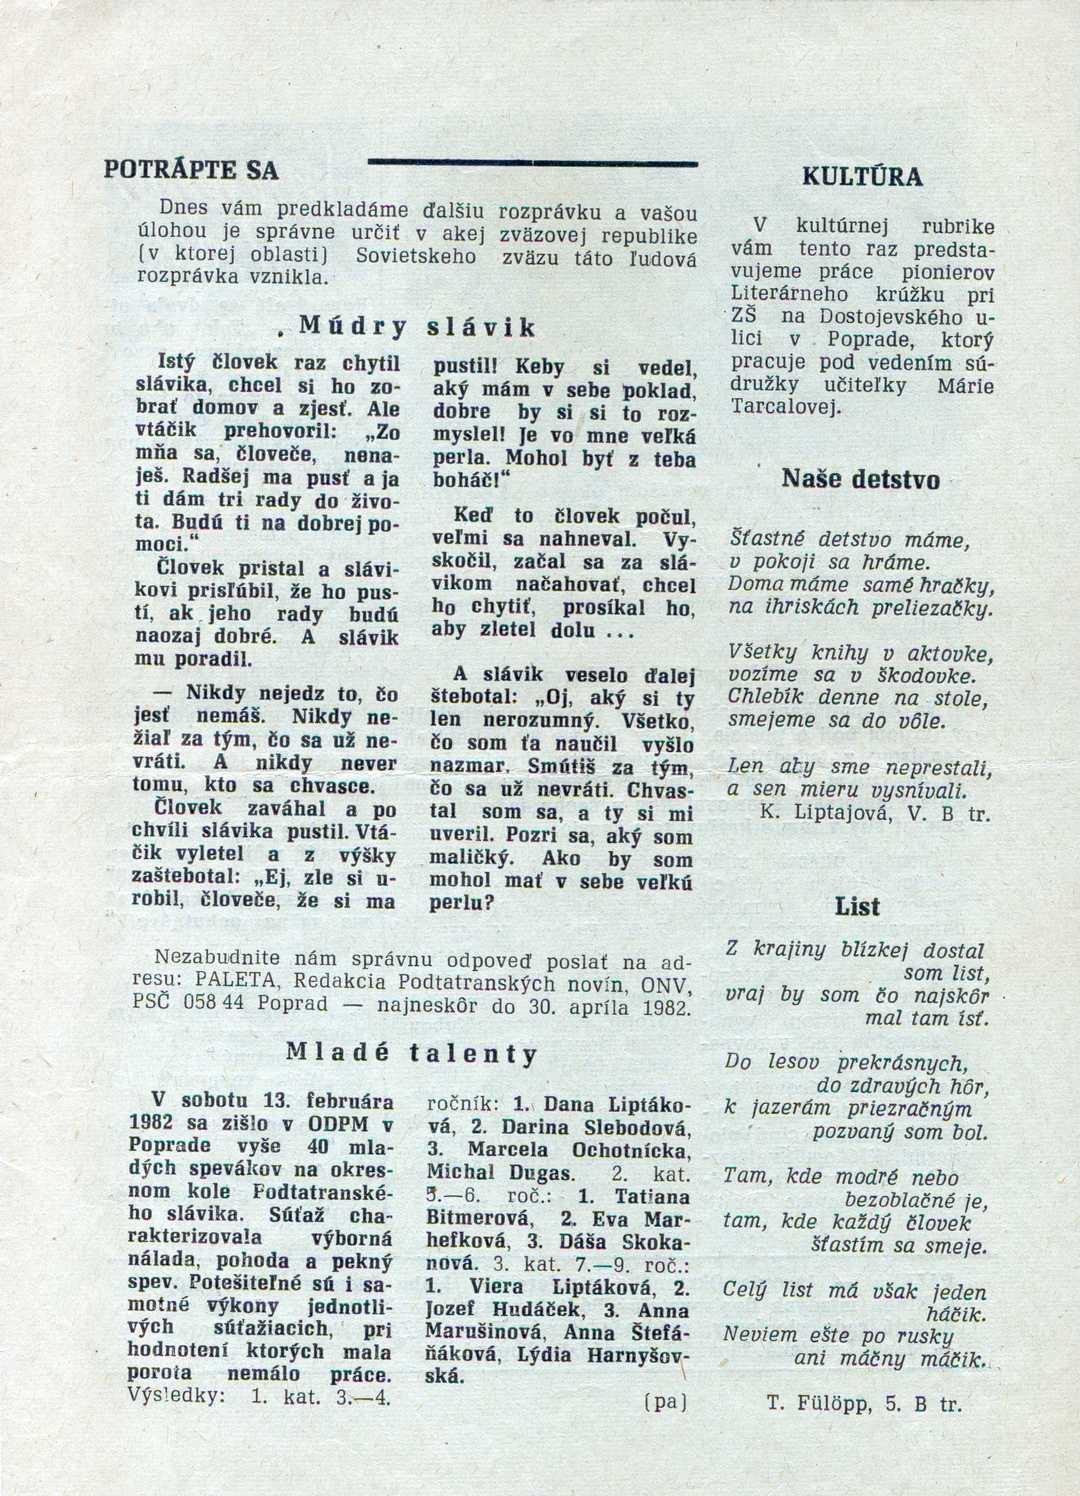 Paleta - časopis Okresného výboru pionierskeho štábu Klementa Gottwalda a Klubu mladých dopisovateľov Podtatranských novín. Číslo 3, marec 1982, Poprad, ČSSR